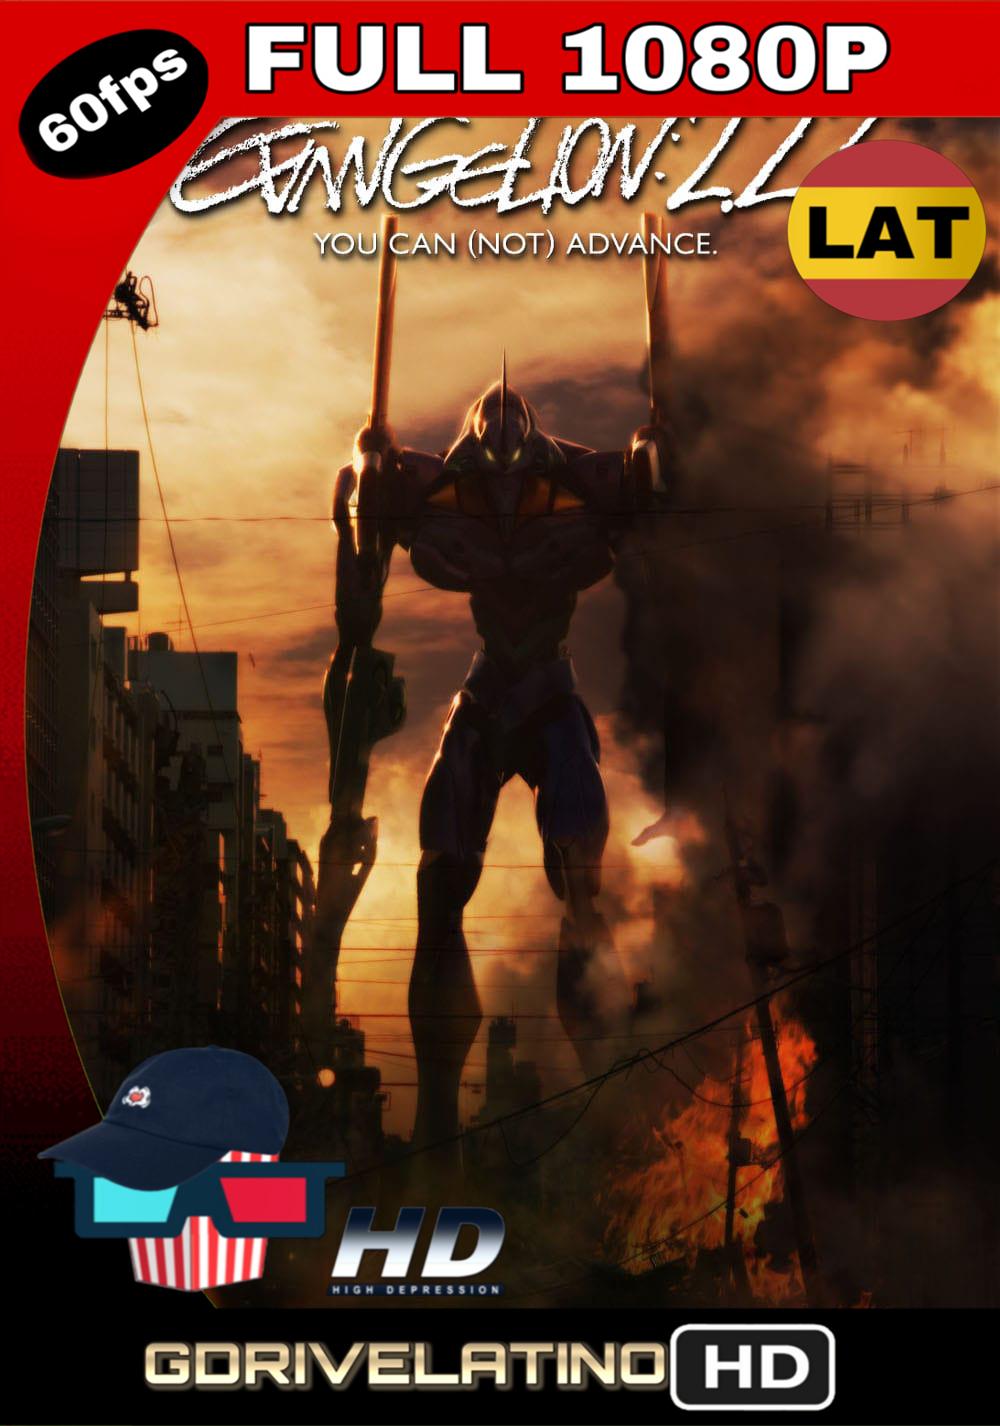 Evangelion: 2.22 (No) Puedes Avanzar (2009) BDRip FULL 1080p (Latino – Japonés) MKV